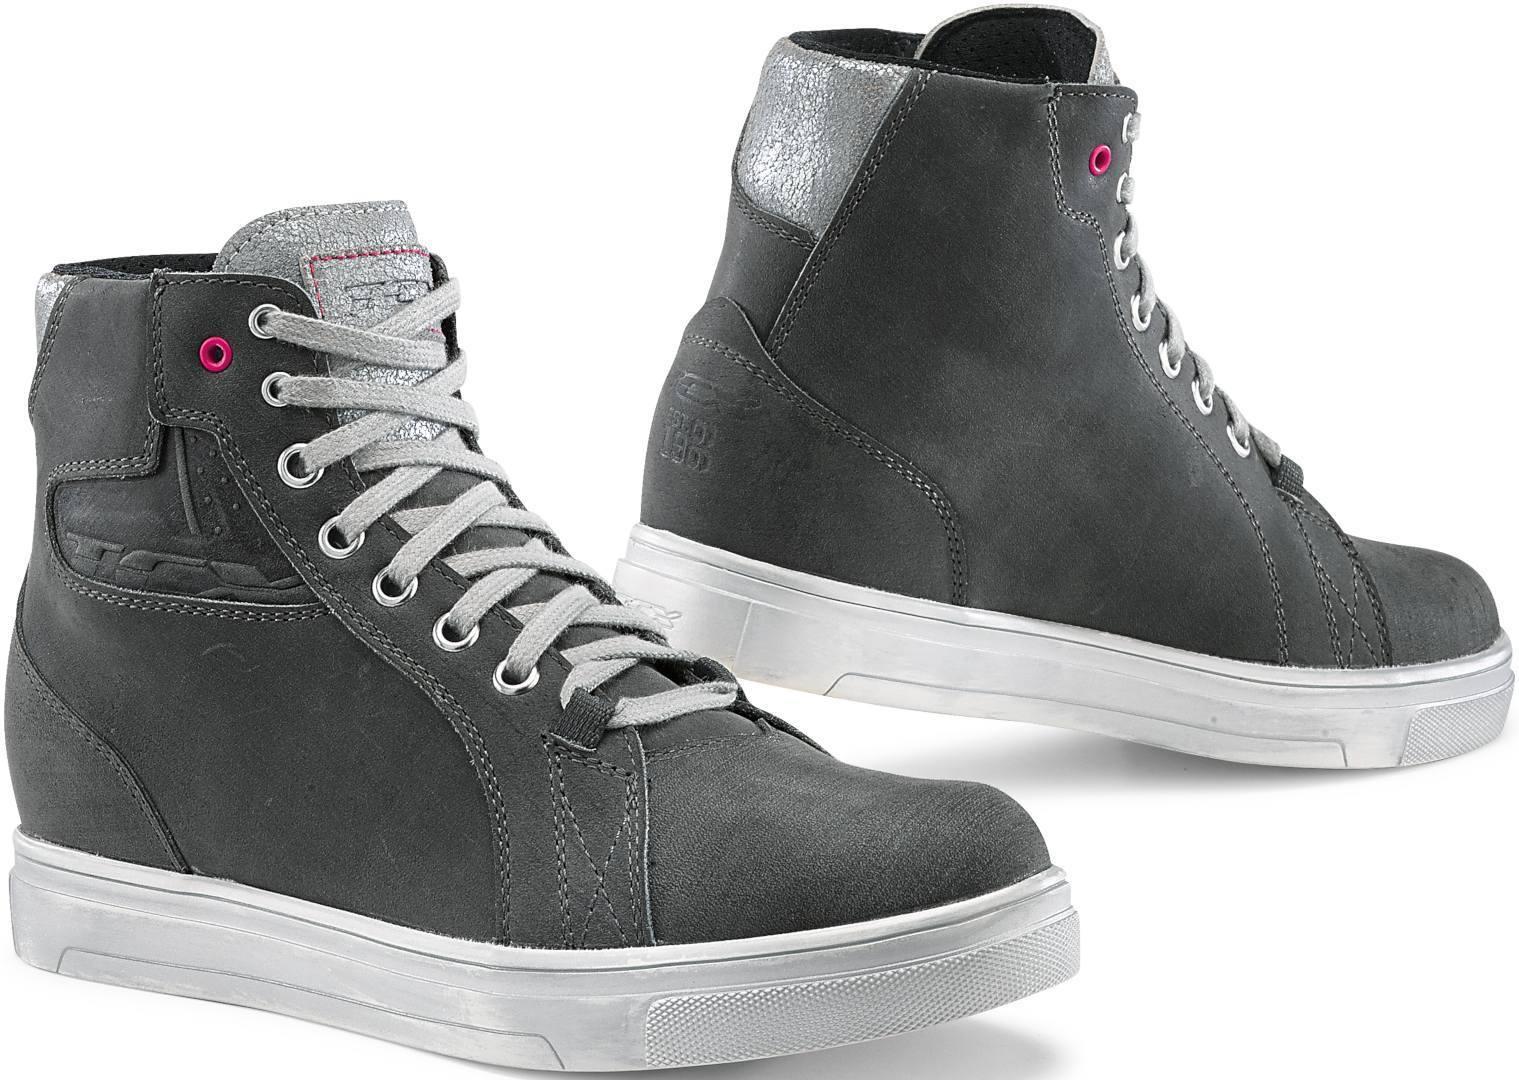 TCX Street Ace waterproof Ladies Motorcycle Shoes Grey 36